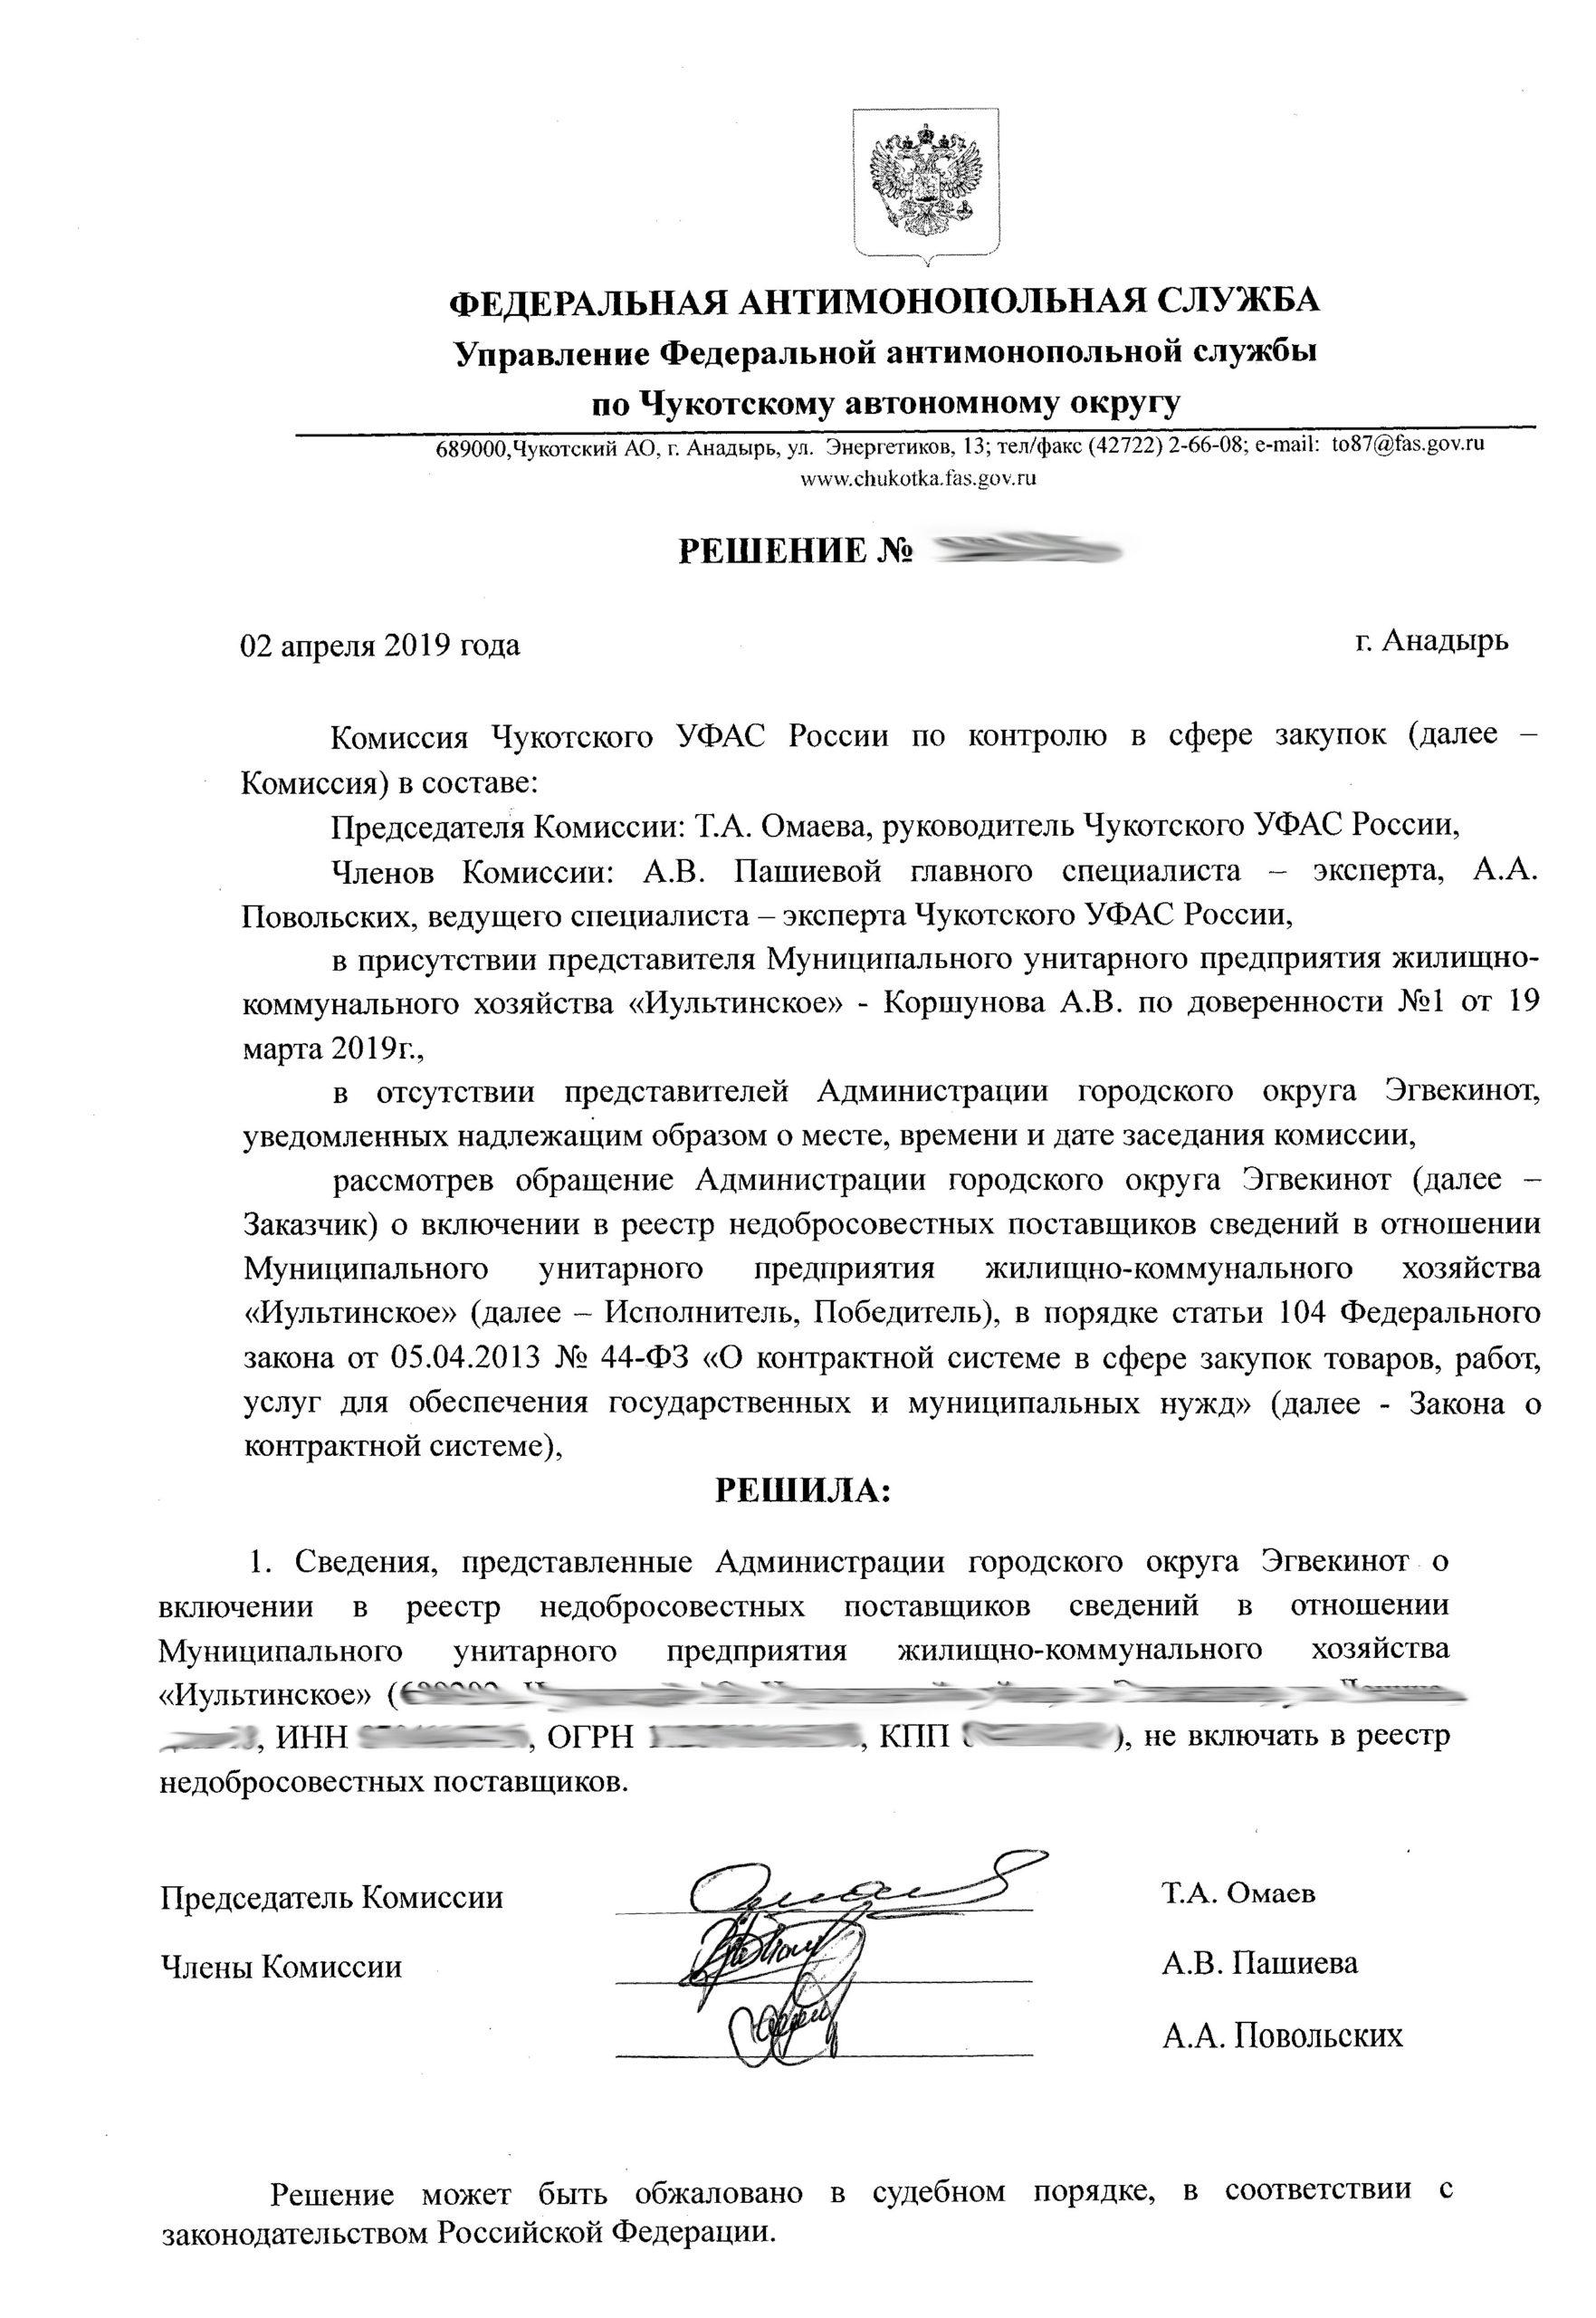 УФАС по Чукотскому автономному округу Иультинское решение